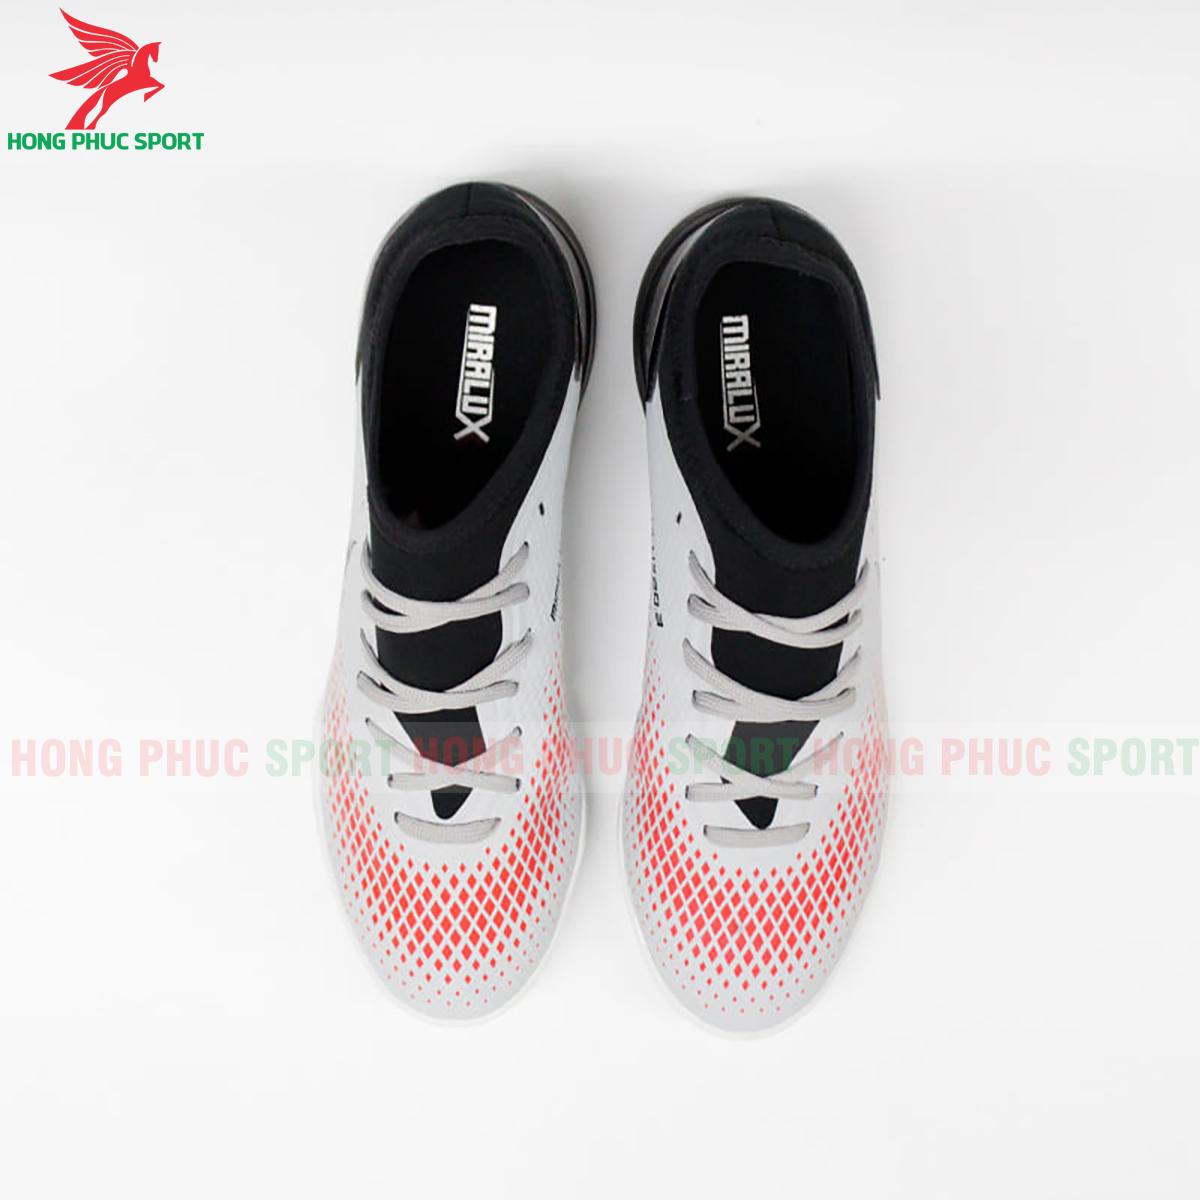 https://cdn.hongphucsport.com/unsafe/s4.shopbay.vn/files/285/giay-da-bong-mira-lux-20-3-mau-trang-phoi-den-2-5f740852e9957.png